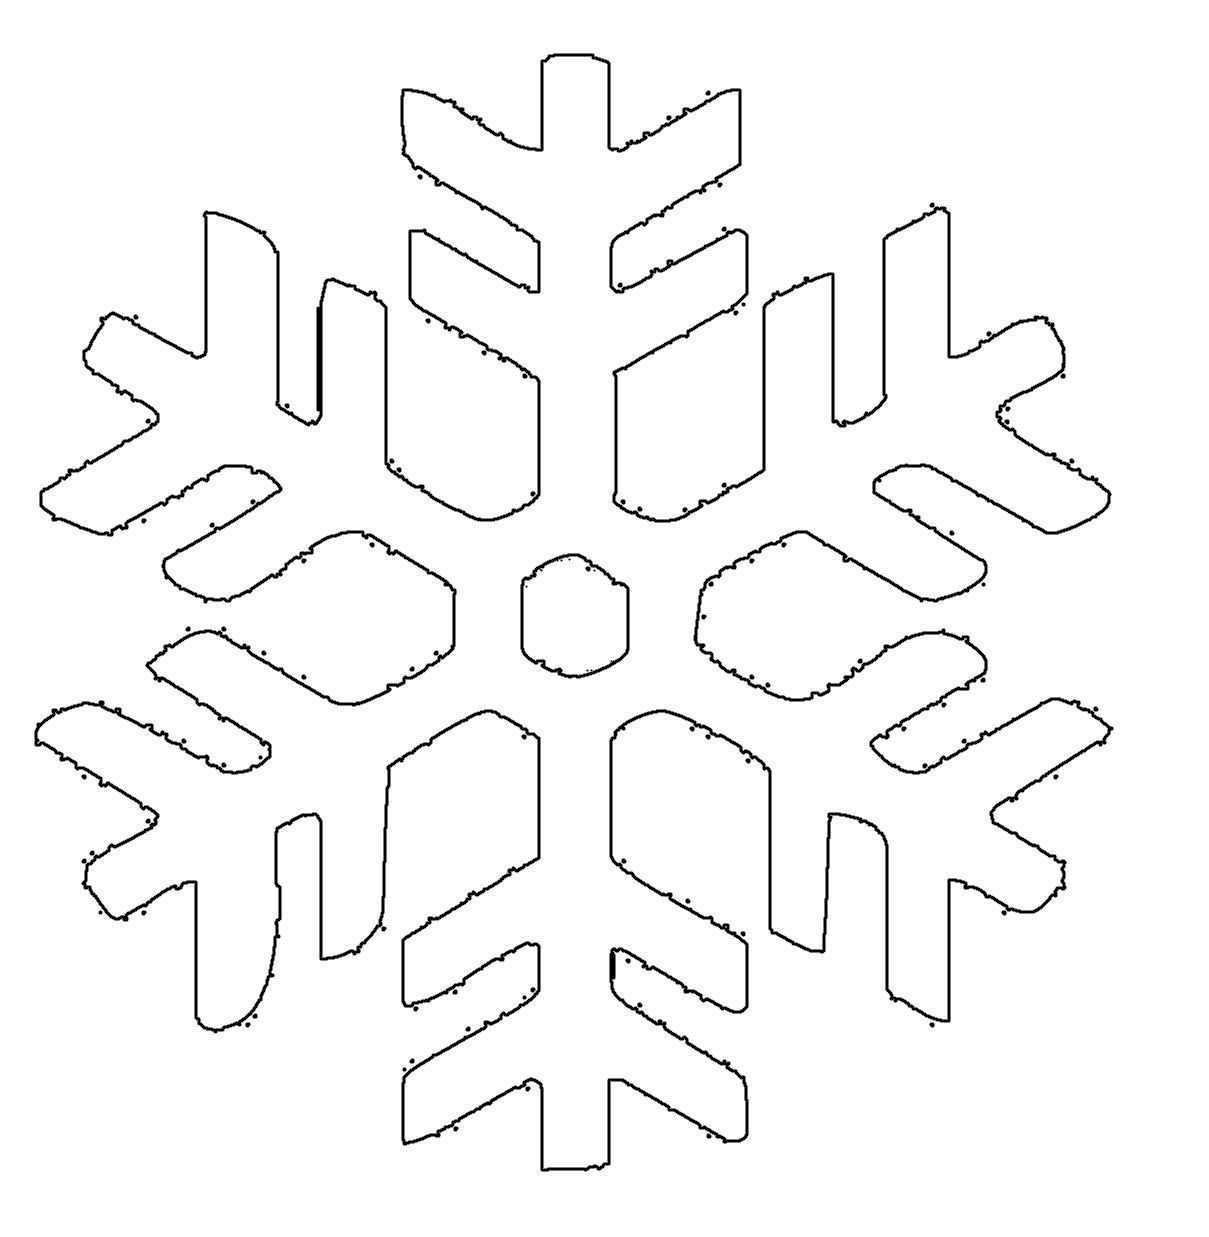 Ausmalbilder Kostenlos Ausdrucken Winter In 2020 Schneeflocke Vorlage Schneeflocken Basteln Schneeflocke Schablone